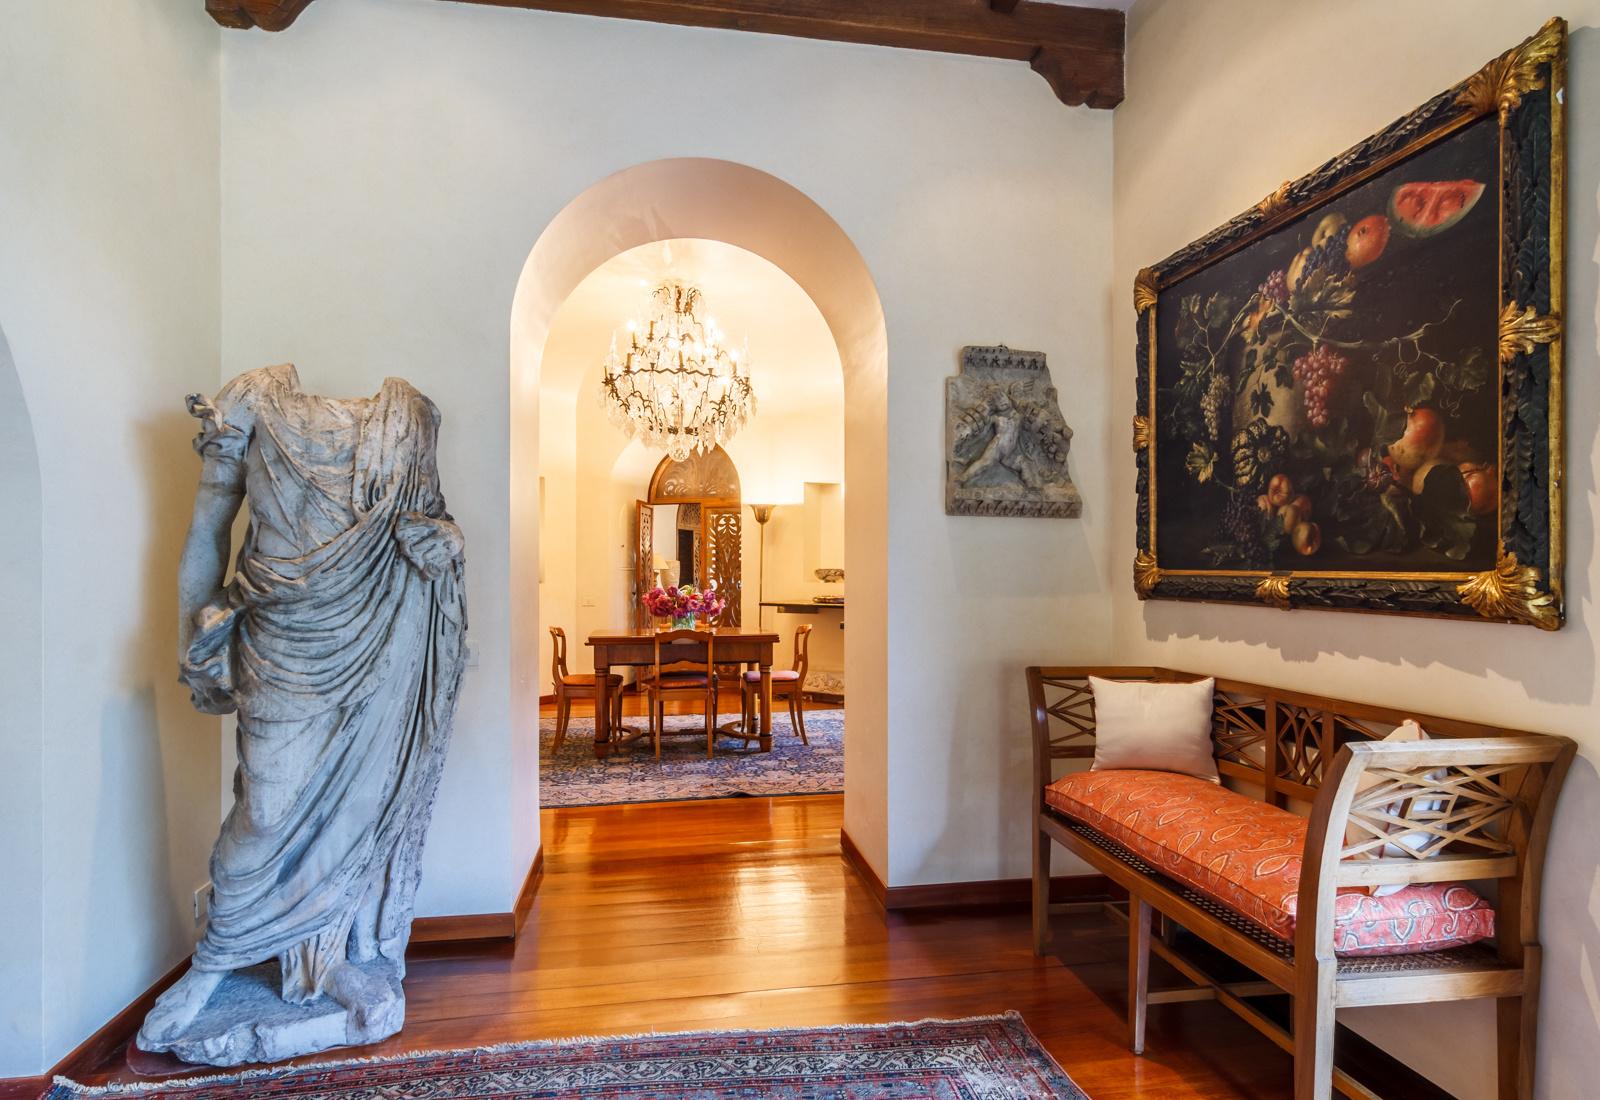 Продается бывшая вилла Софи Лорен в Риме (галерея 3, фото 0)